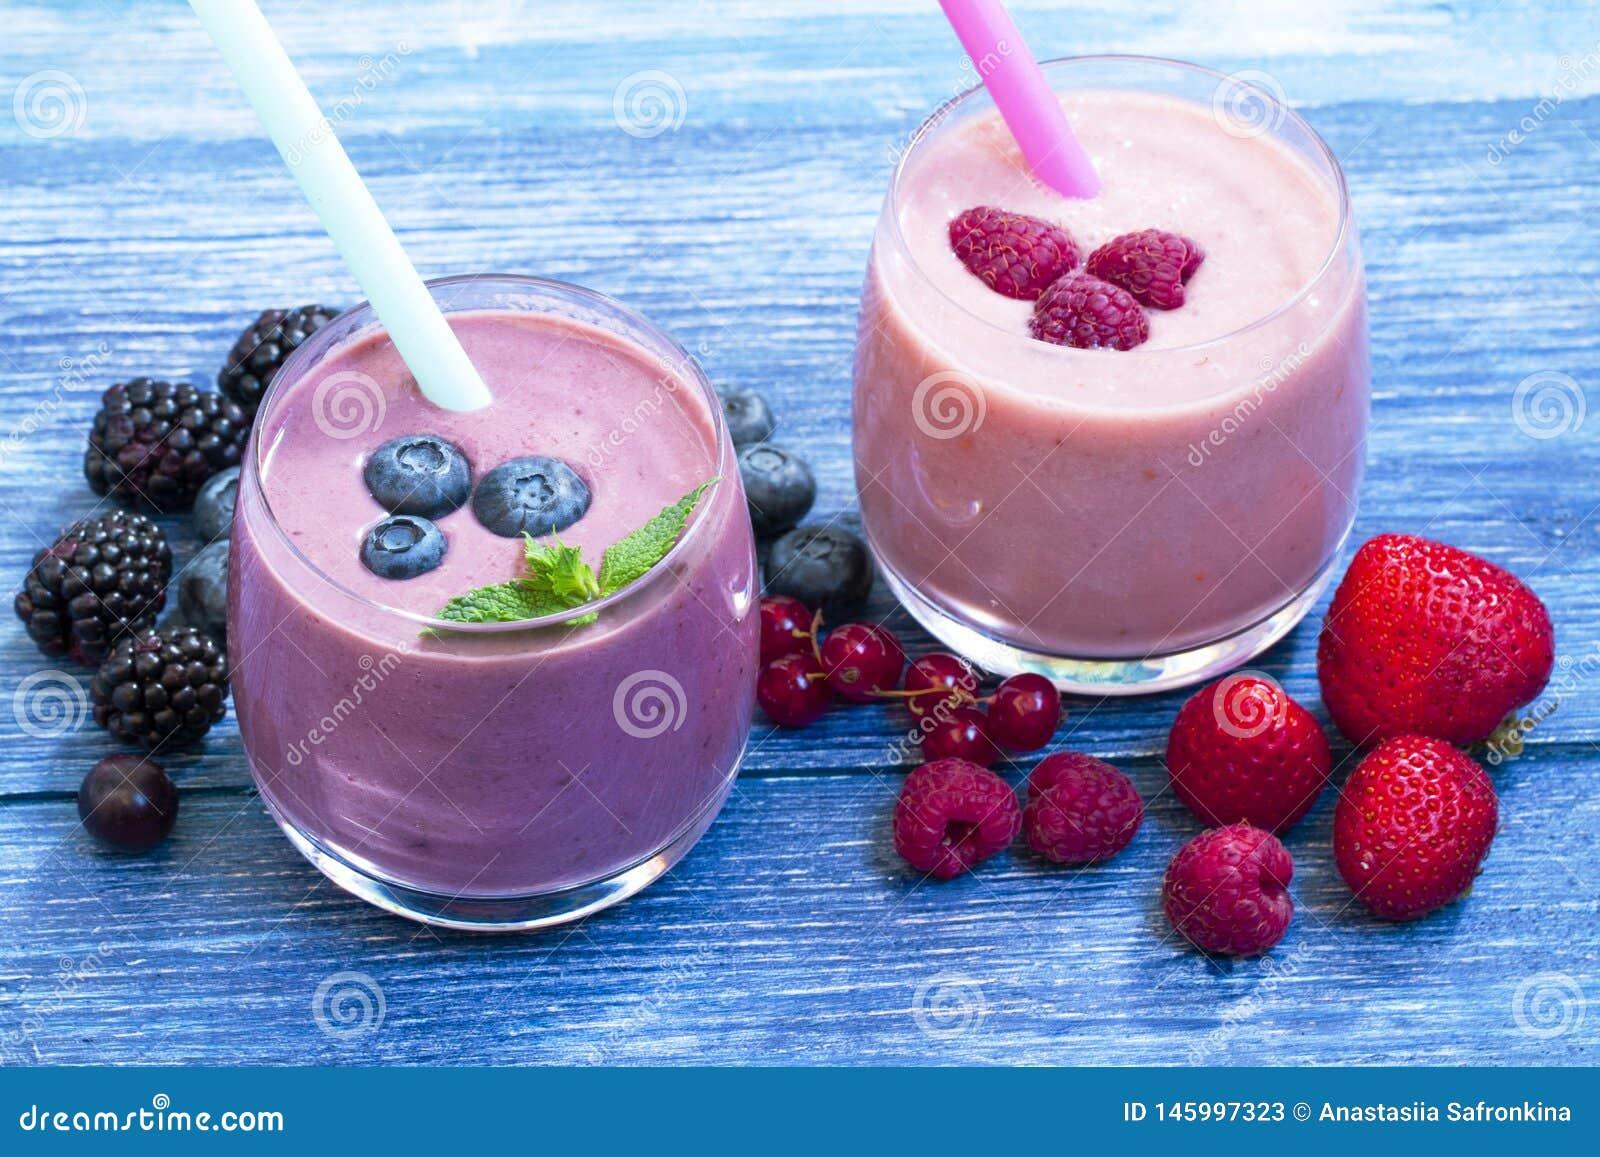 Framboesa, morango, batido do mirtilo no fundo de madeira azul Milk shake com bagas frescas batido de fruta com